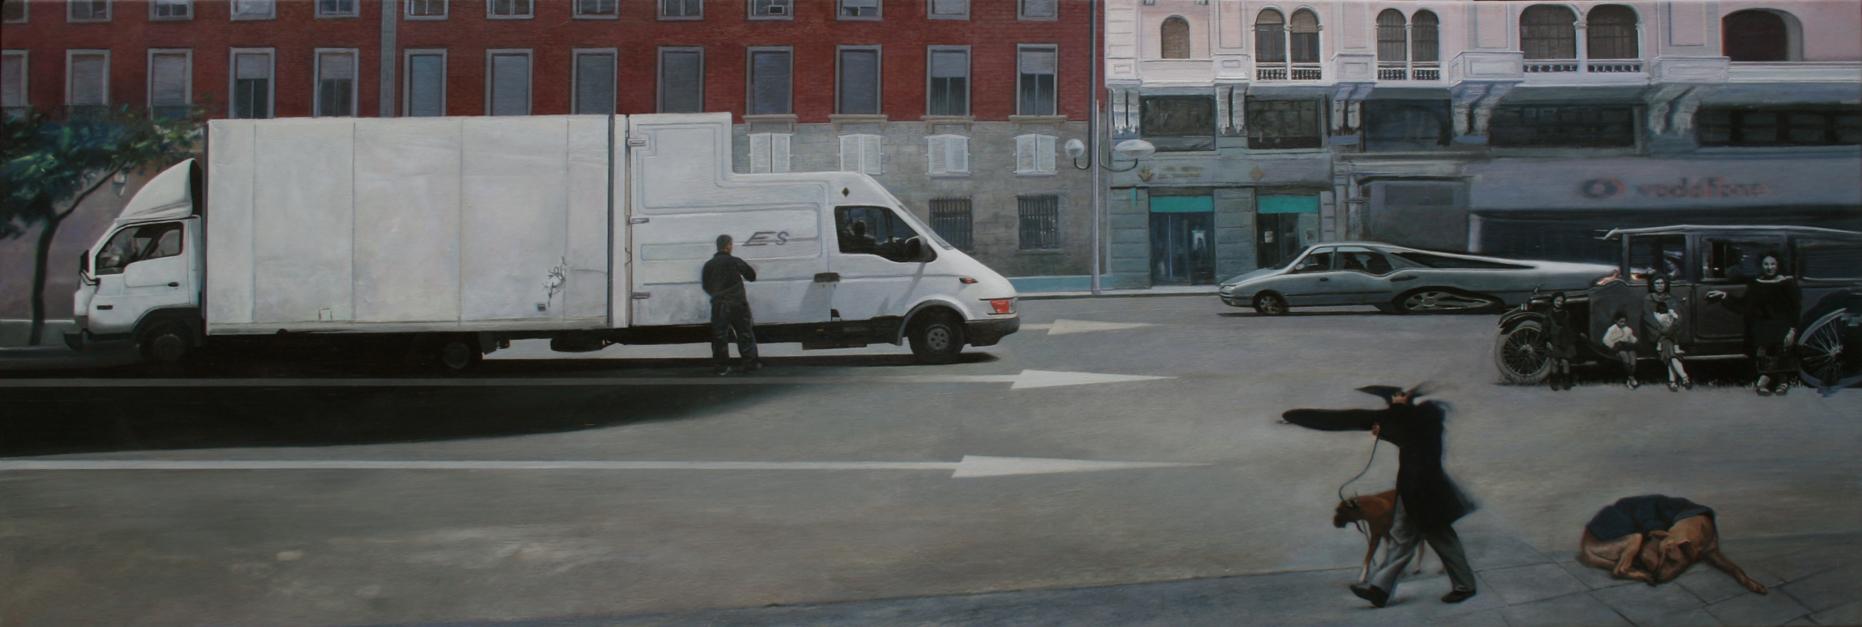 Ficción Urbana IV.  La permamencia de la memoria. |Pintura de Erick Miraval | Compra arte en Flecha.es